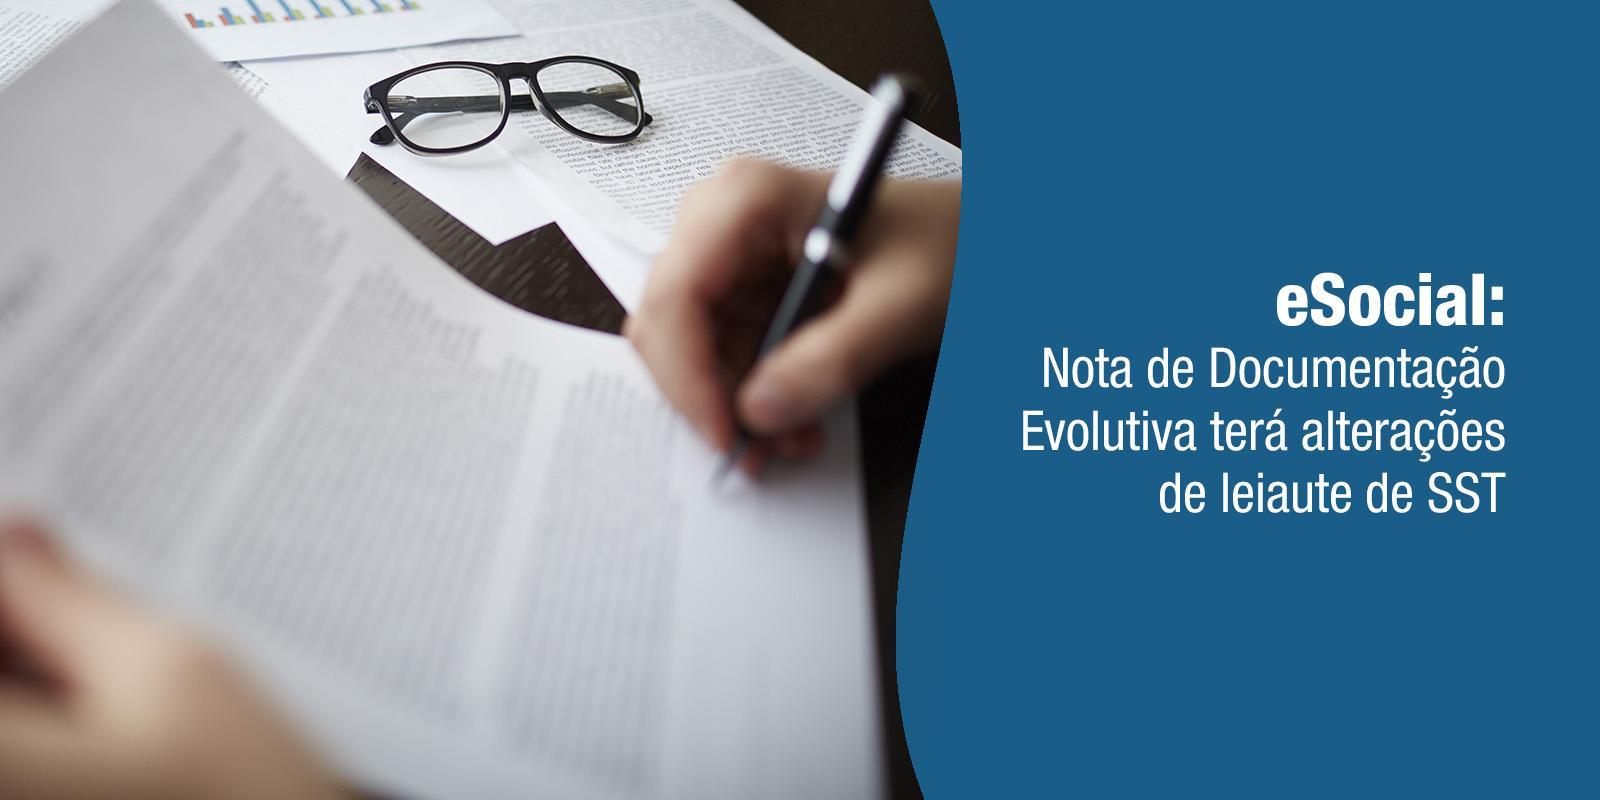 eSocial: Nota de Documentação Evolutiva terá alterações de leiaute de SST